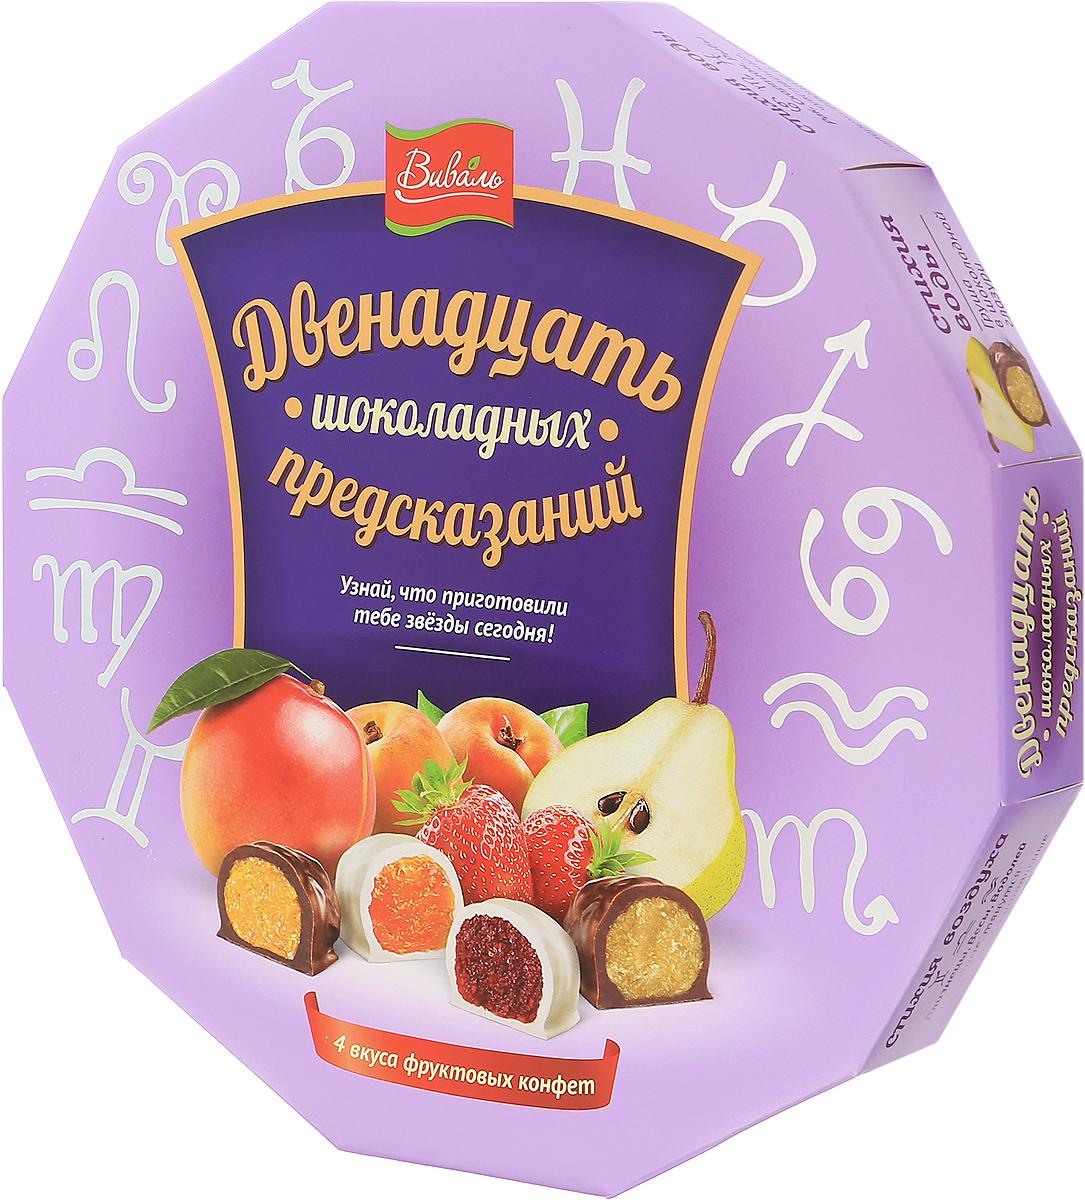 Виваль наборконфет 12шоколадныхпредсказаний, 220 г pasta zara клубки тонкие тальолини макароны 500 г